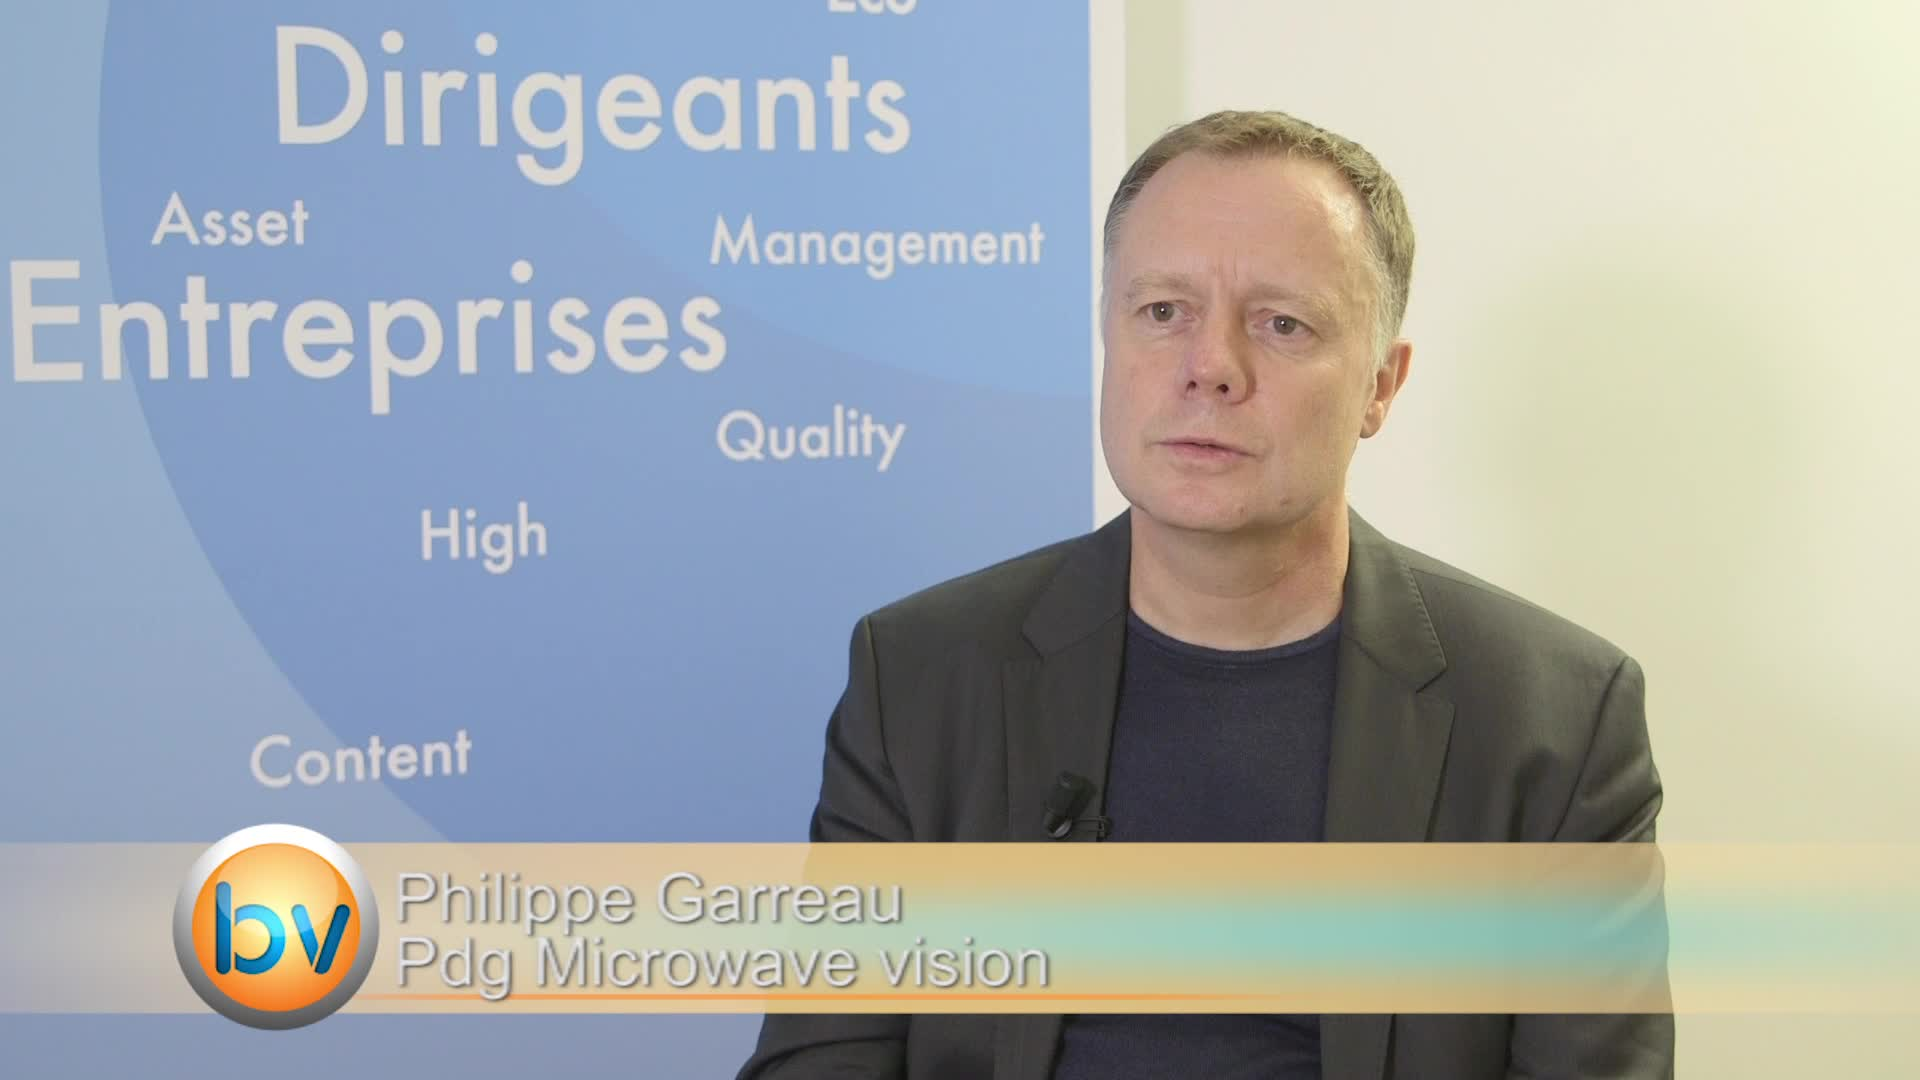 Philippe Garreau Pdg Microwave Vision : «Parmi les les sociétés que l'on vise, il y a des grandes sociétés»